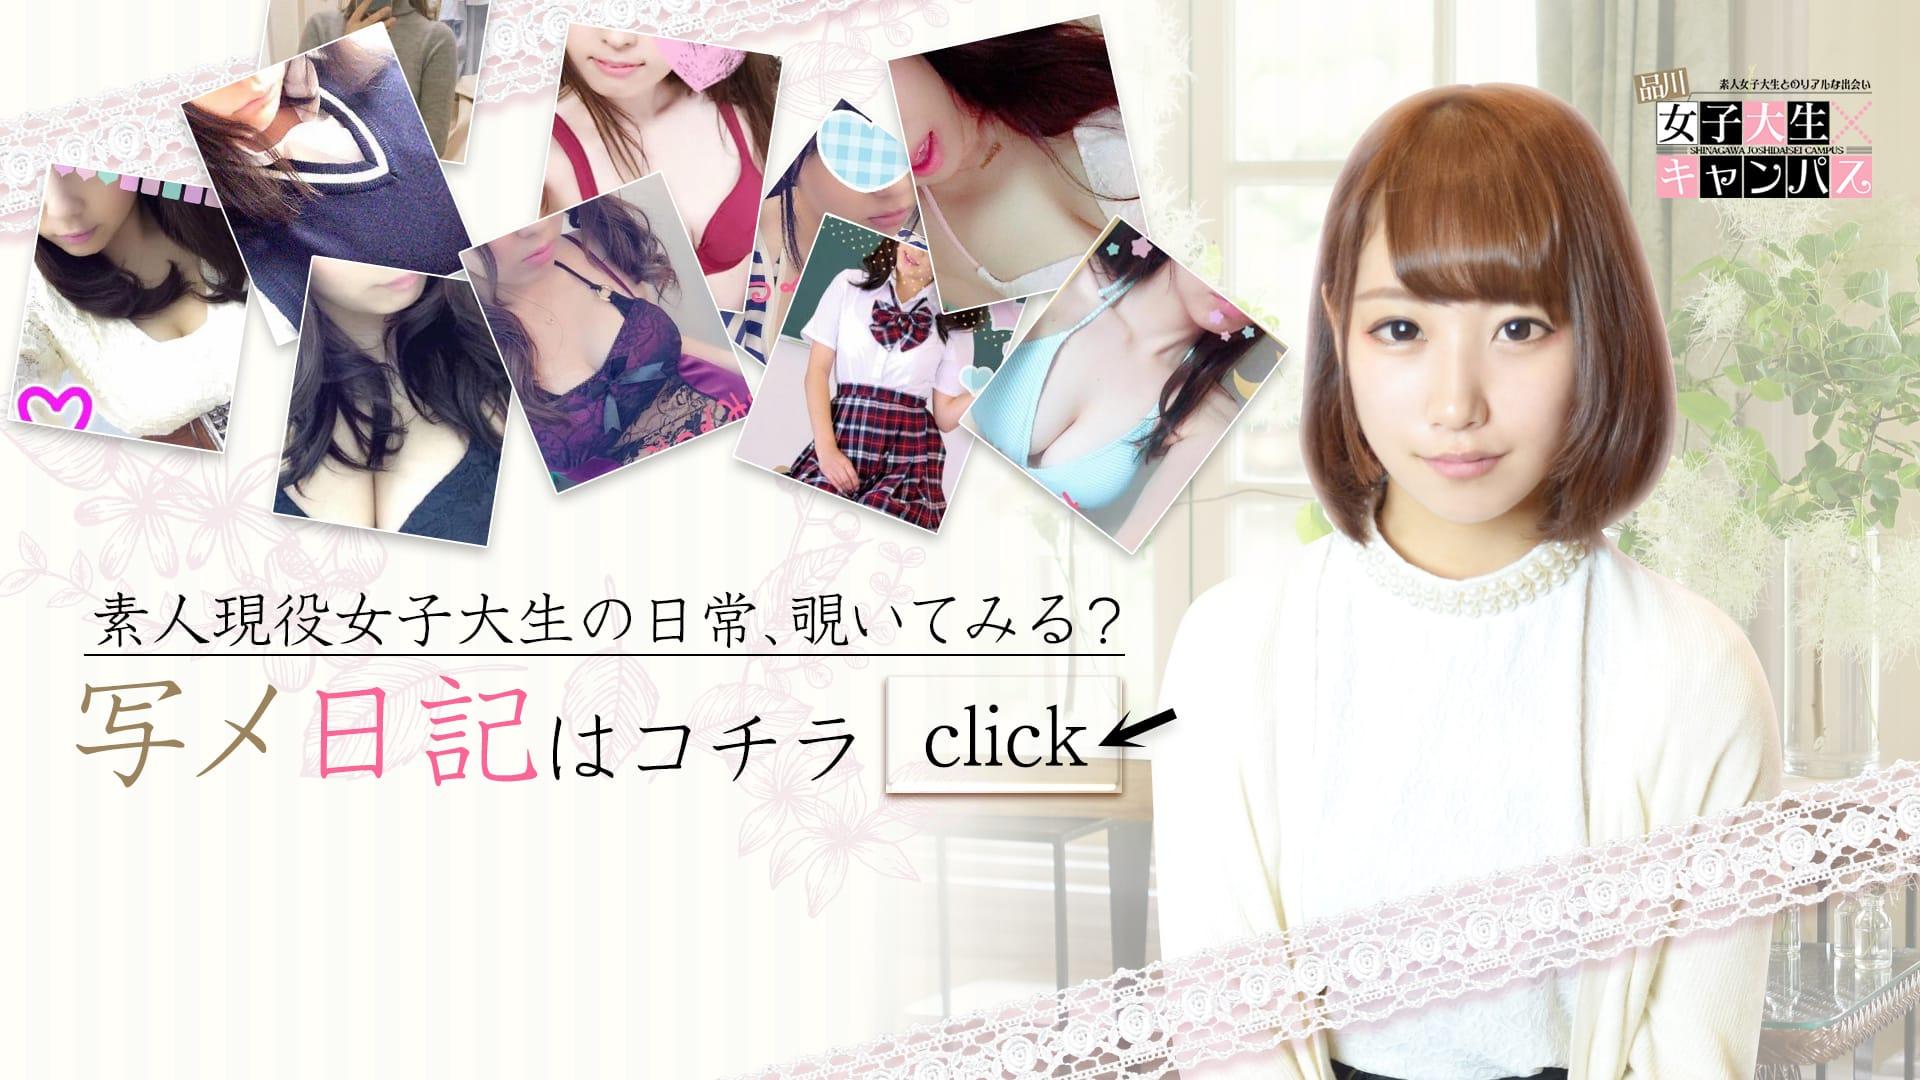 リアルな出会い 品川女子大生キャンパス